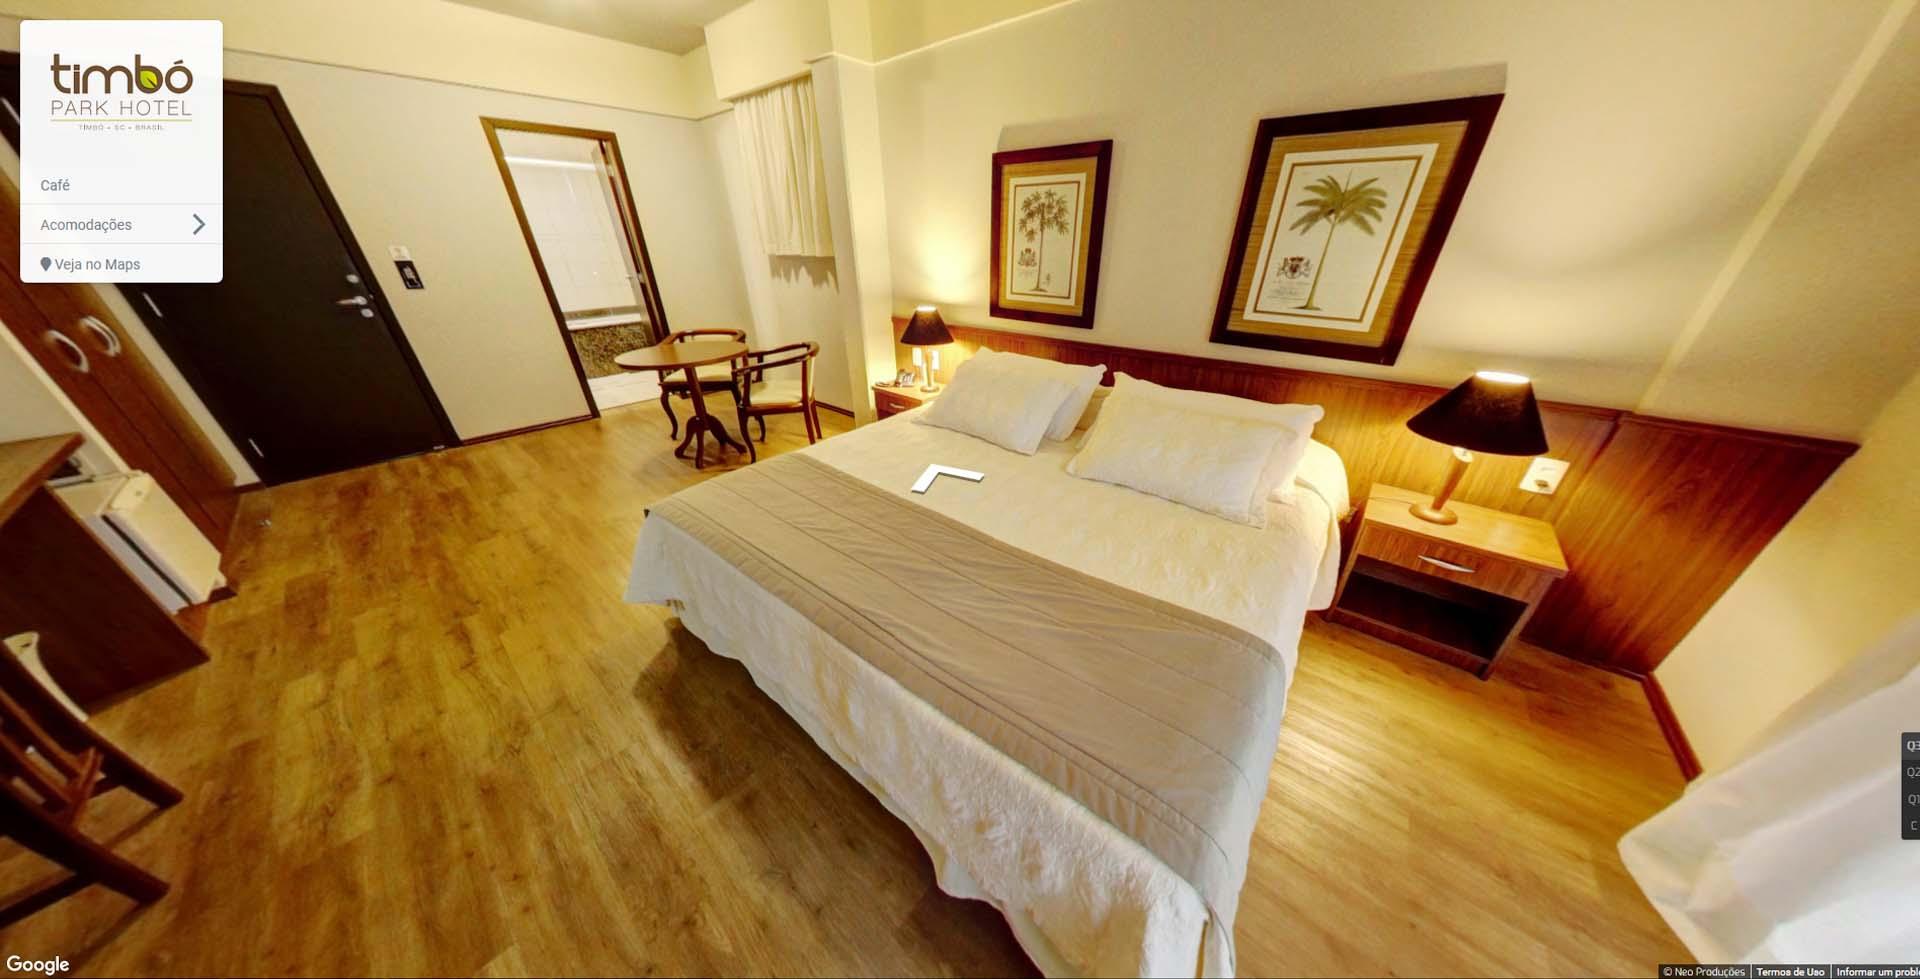 Hotel Timbó Park